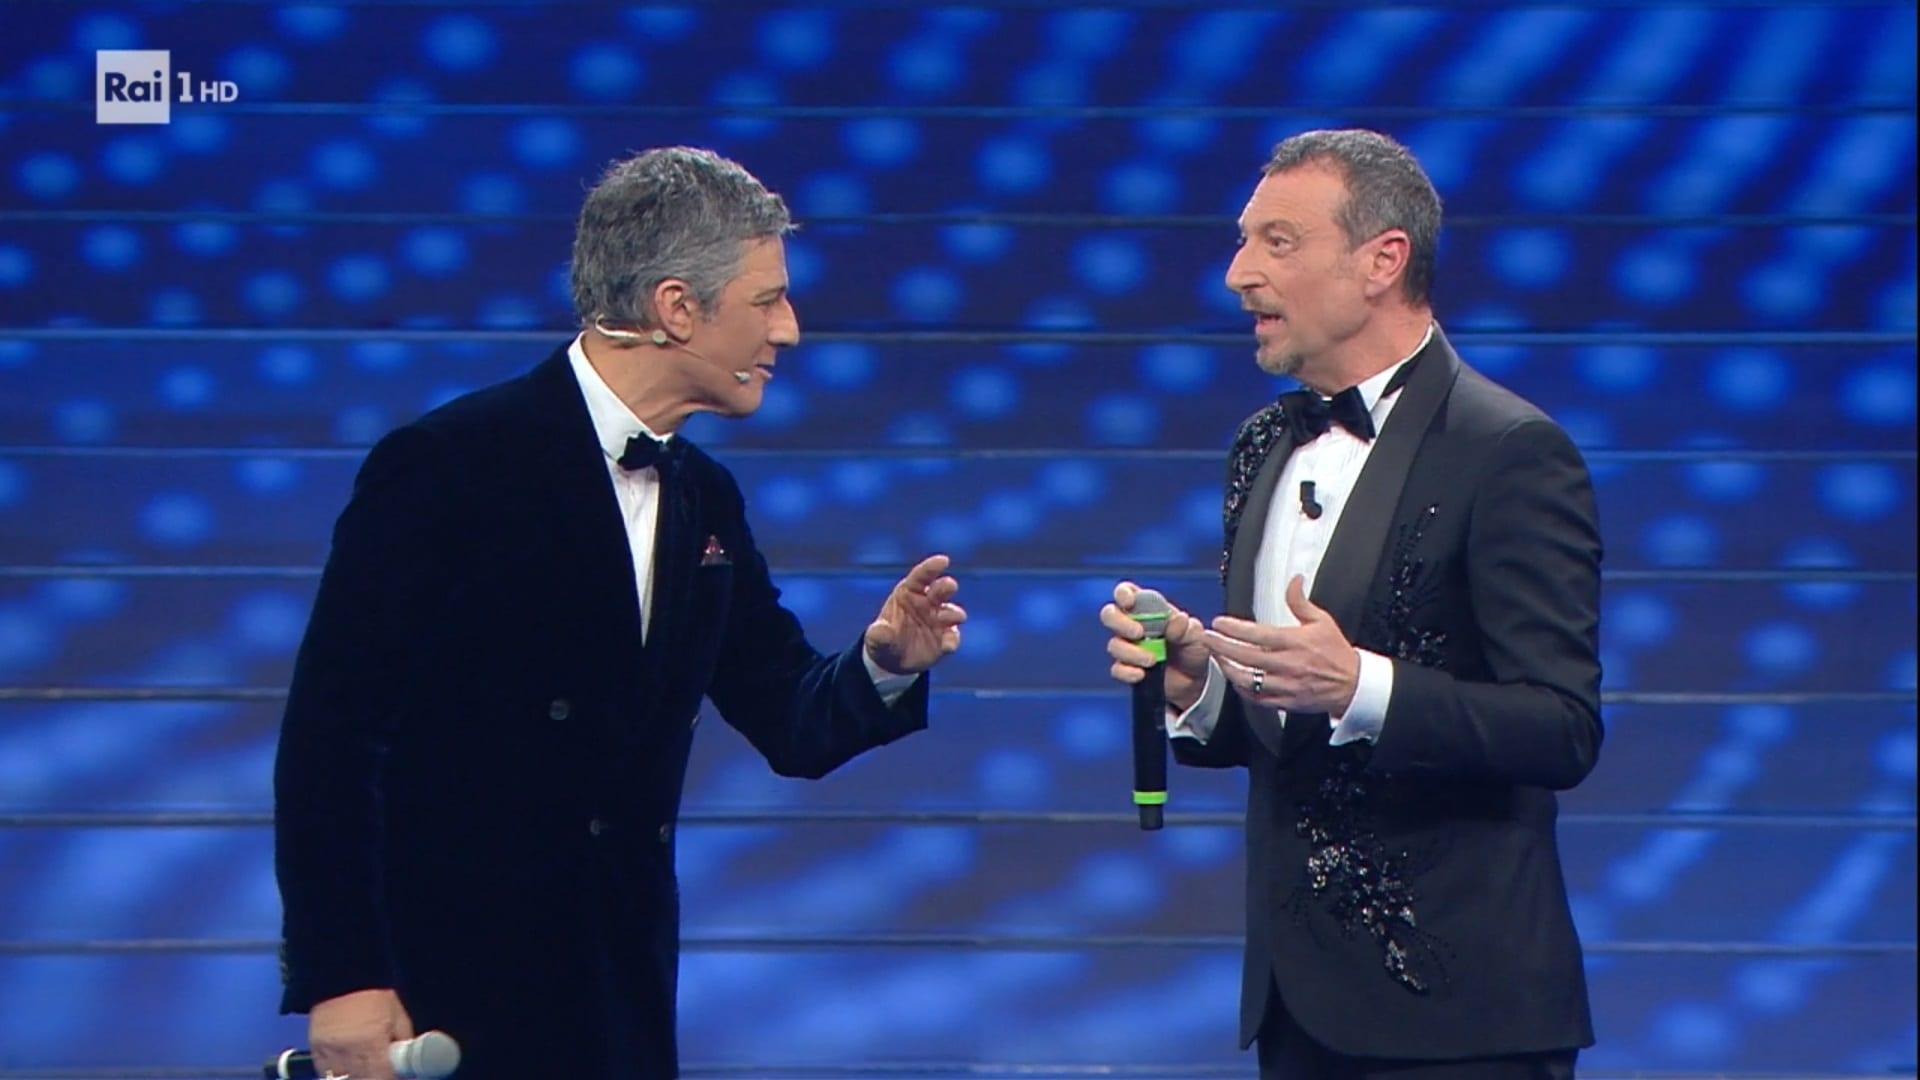 AscoltiTV 8 febbraio 2020 · Dati Auditel del sabato: La Finale di Sanremo 2020, lo spoiler di Sky, la rissa tra i giornalisti… la vittoria di Diodato